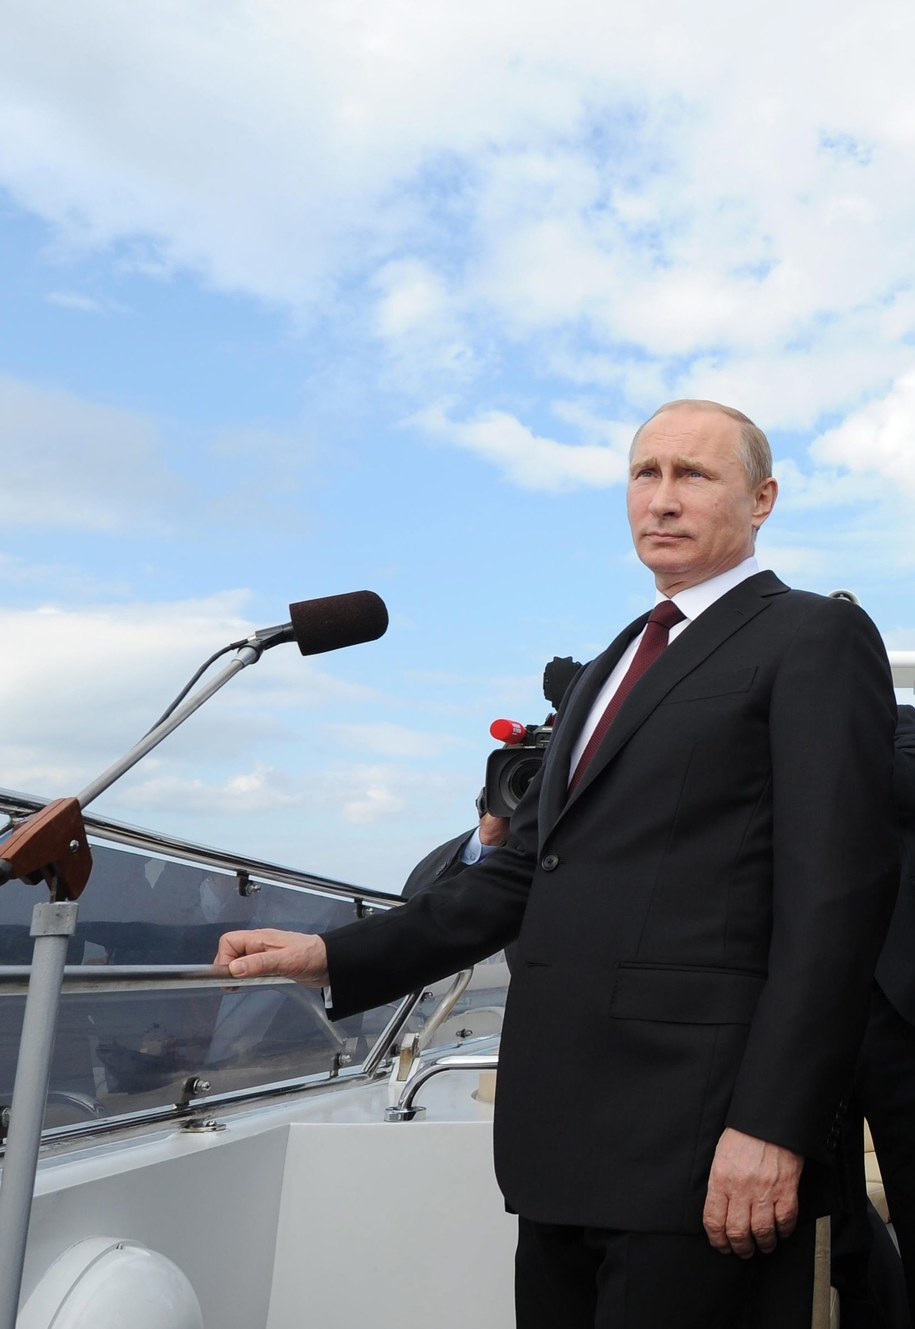 Kłopoty Jukosu zaczęły się, gdy jego szef Michaił Chodorkowski poróżnił się z Władimirem Putinem /MIKHAIL KLIMENTYEV/RIA NOVOSTI/KREMLIN POOL  /PAP/EPA